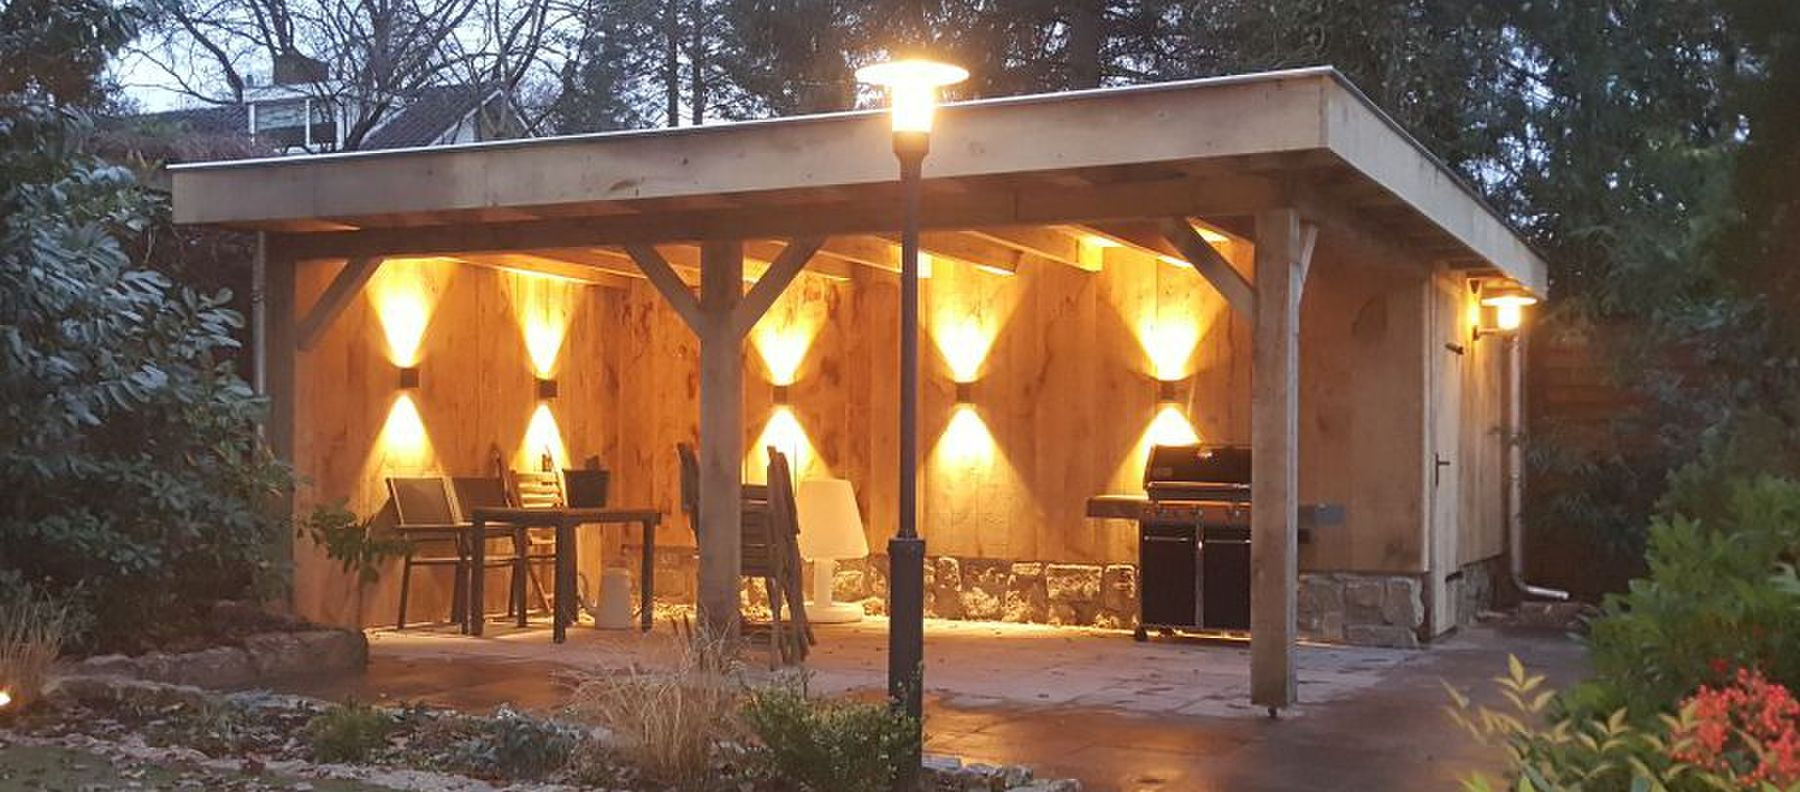 GevenHout blog: De juiste houtsoort kiezen